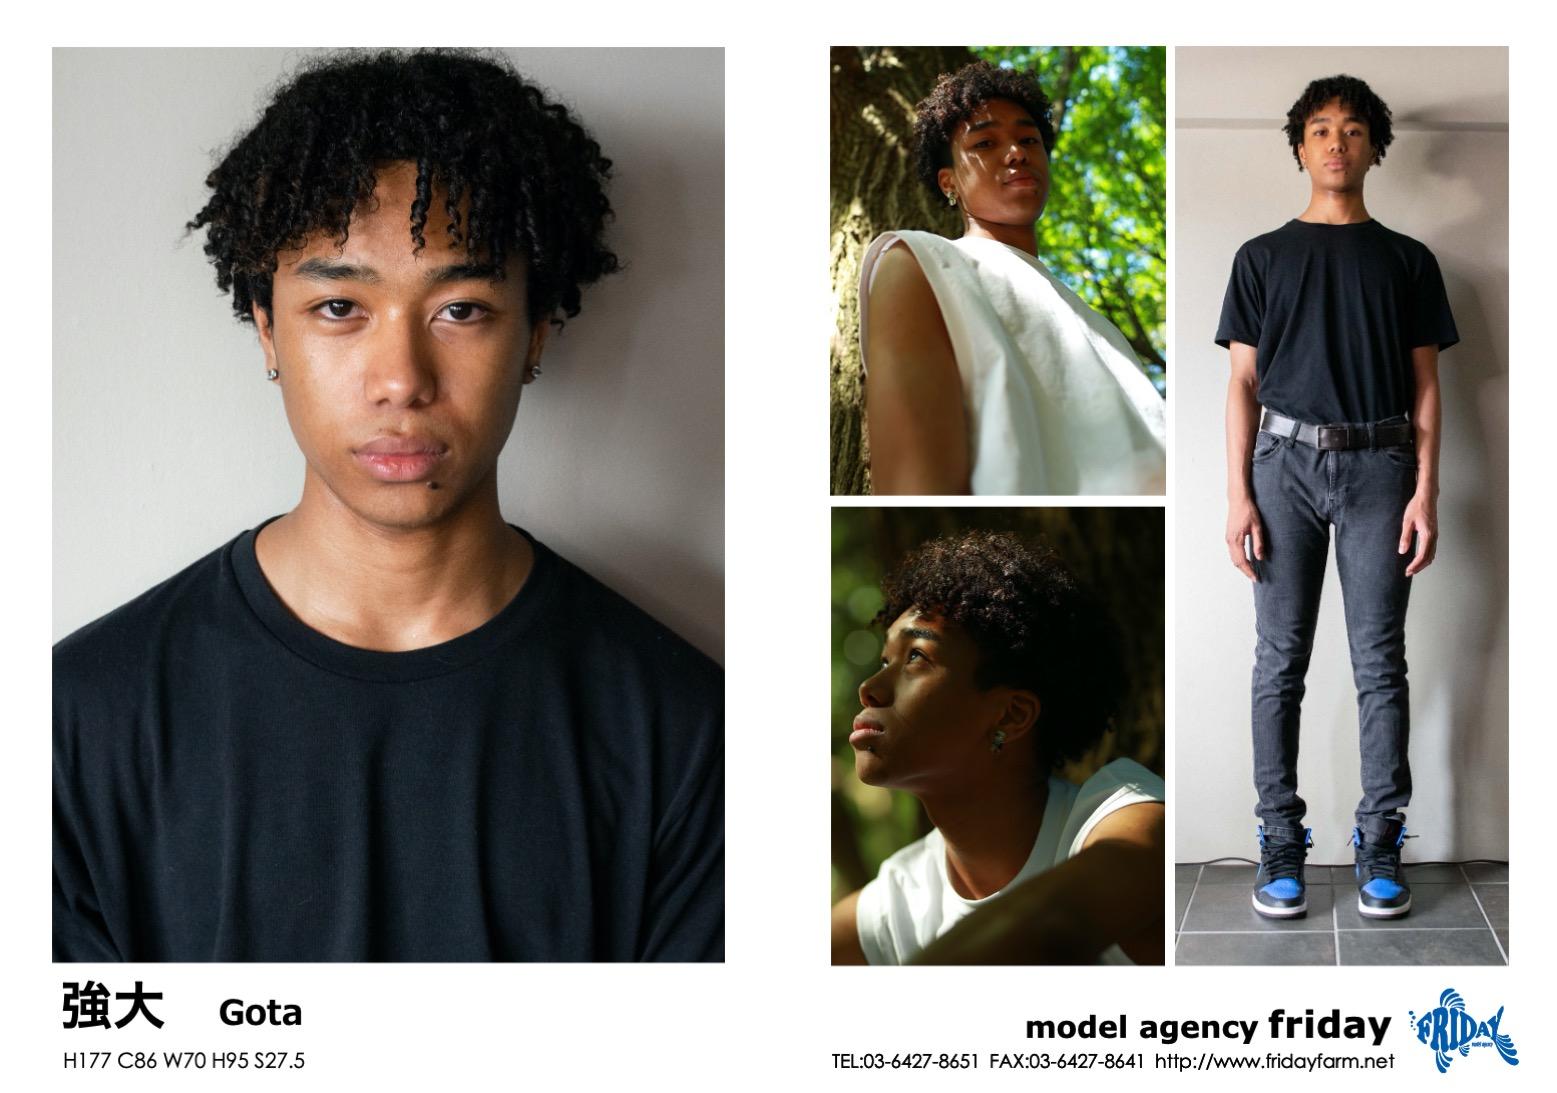 強大 - Gota | model agency friday